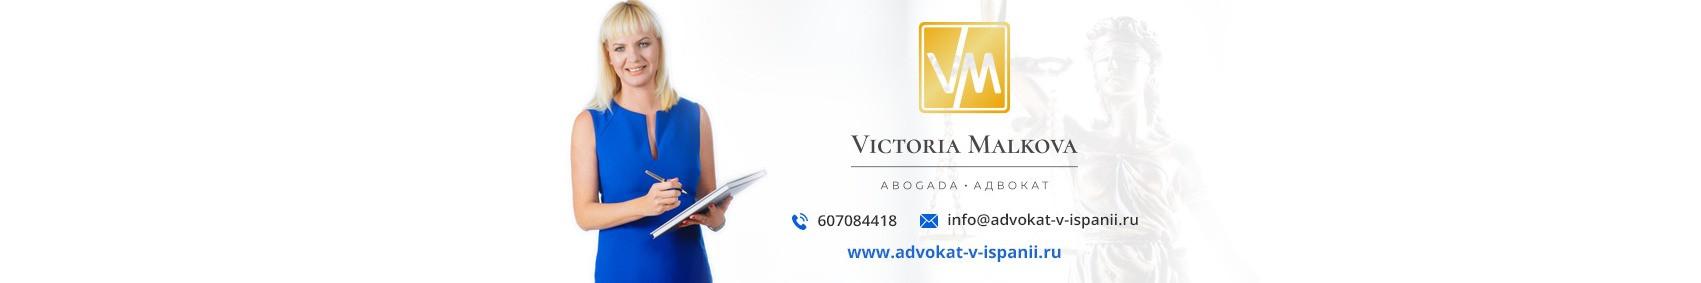 Русский адвокат в Испании Виктория Малькова